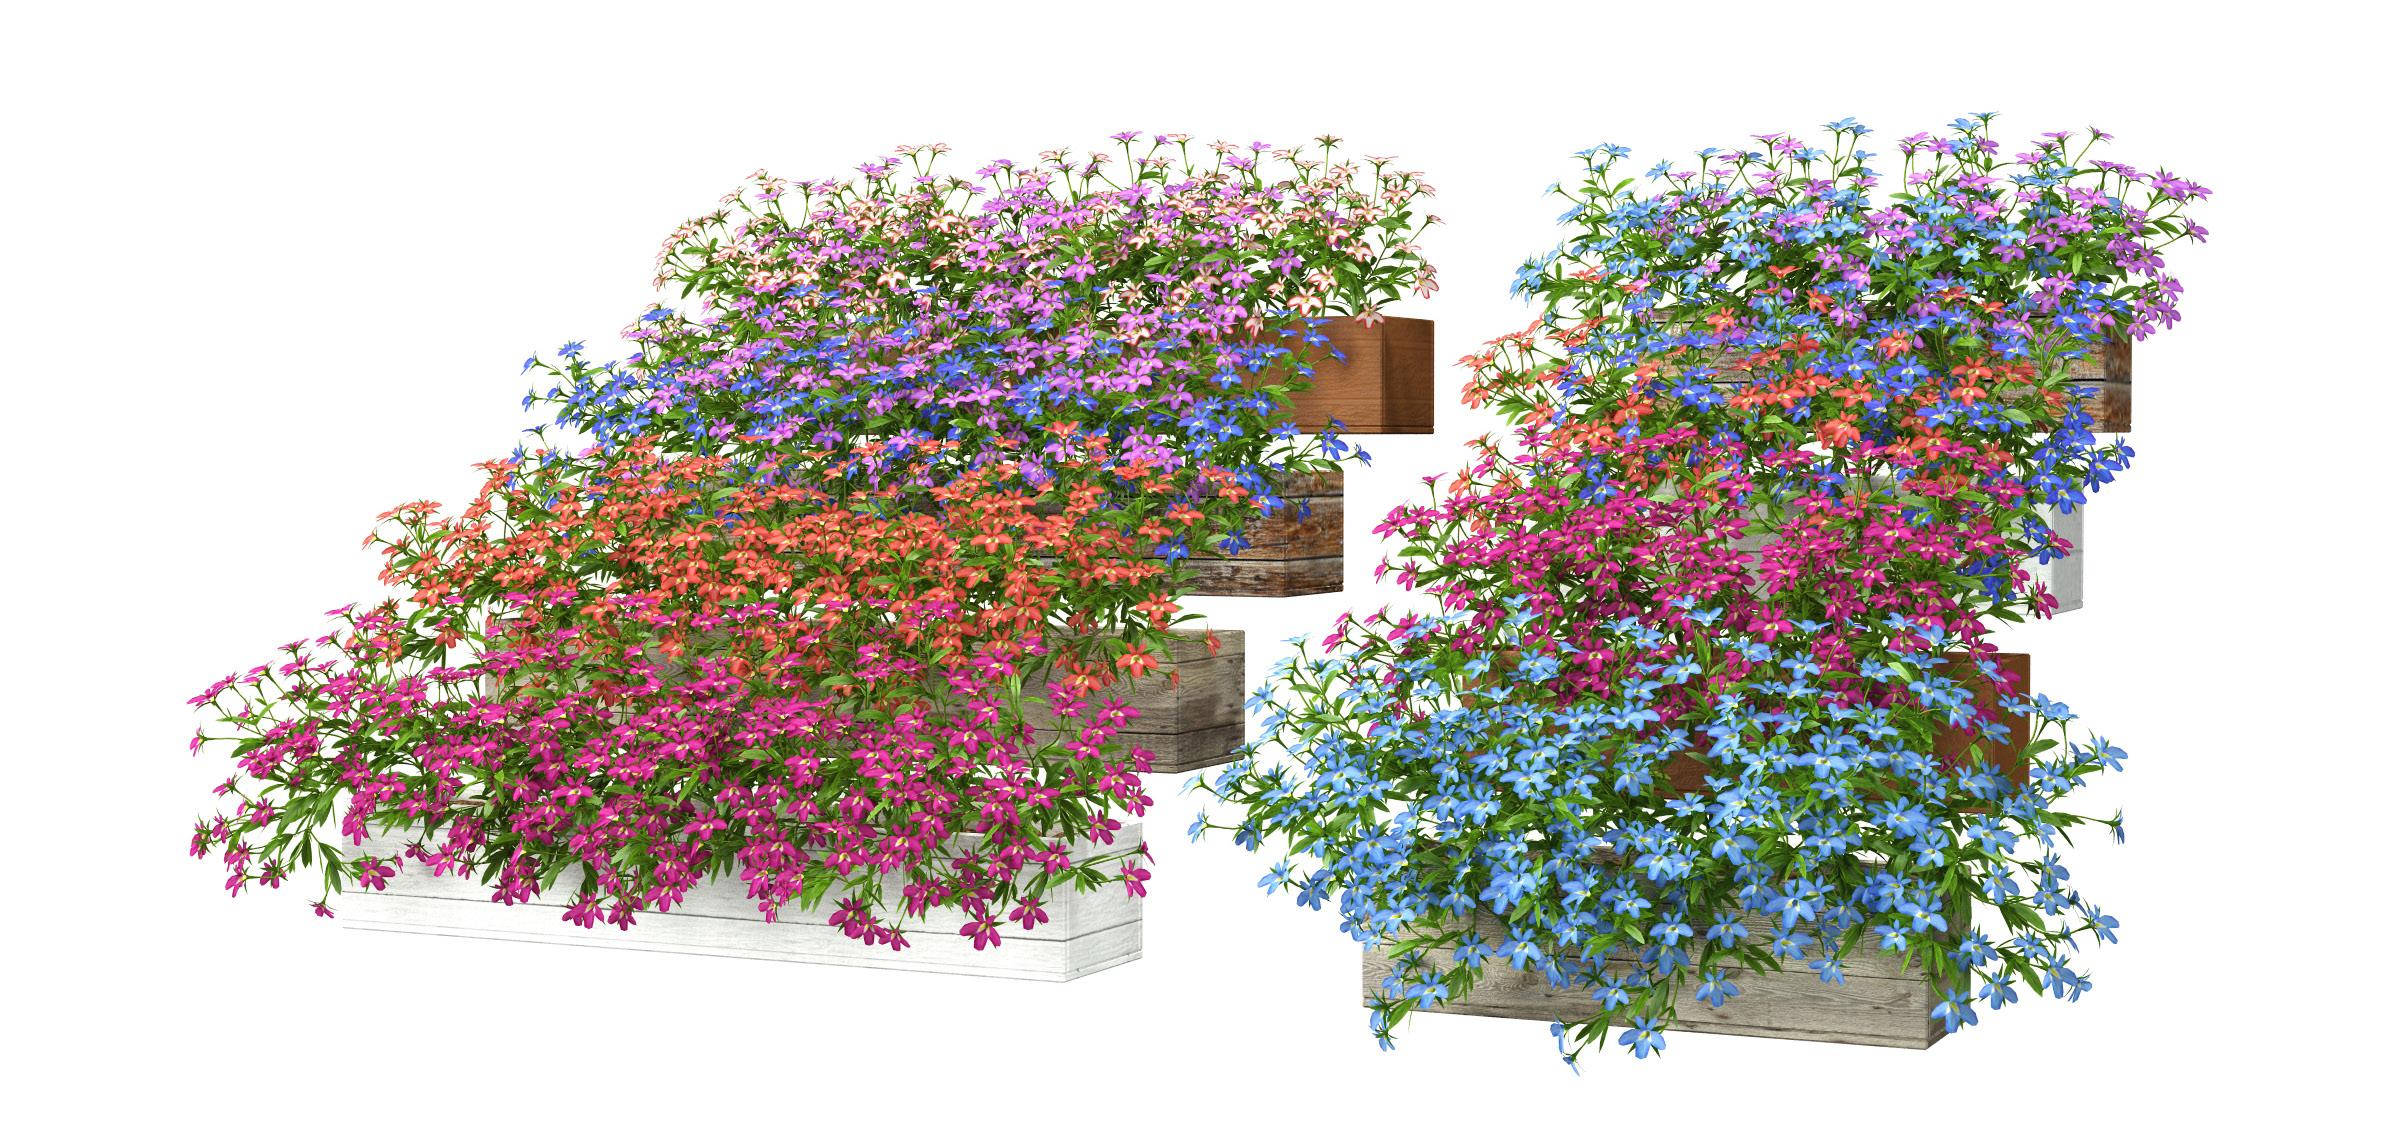 RANDOM MODELS – PRO MODELS 321 – FLOWER MODELS